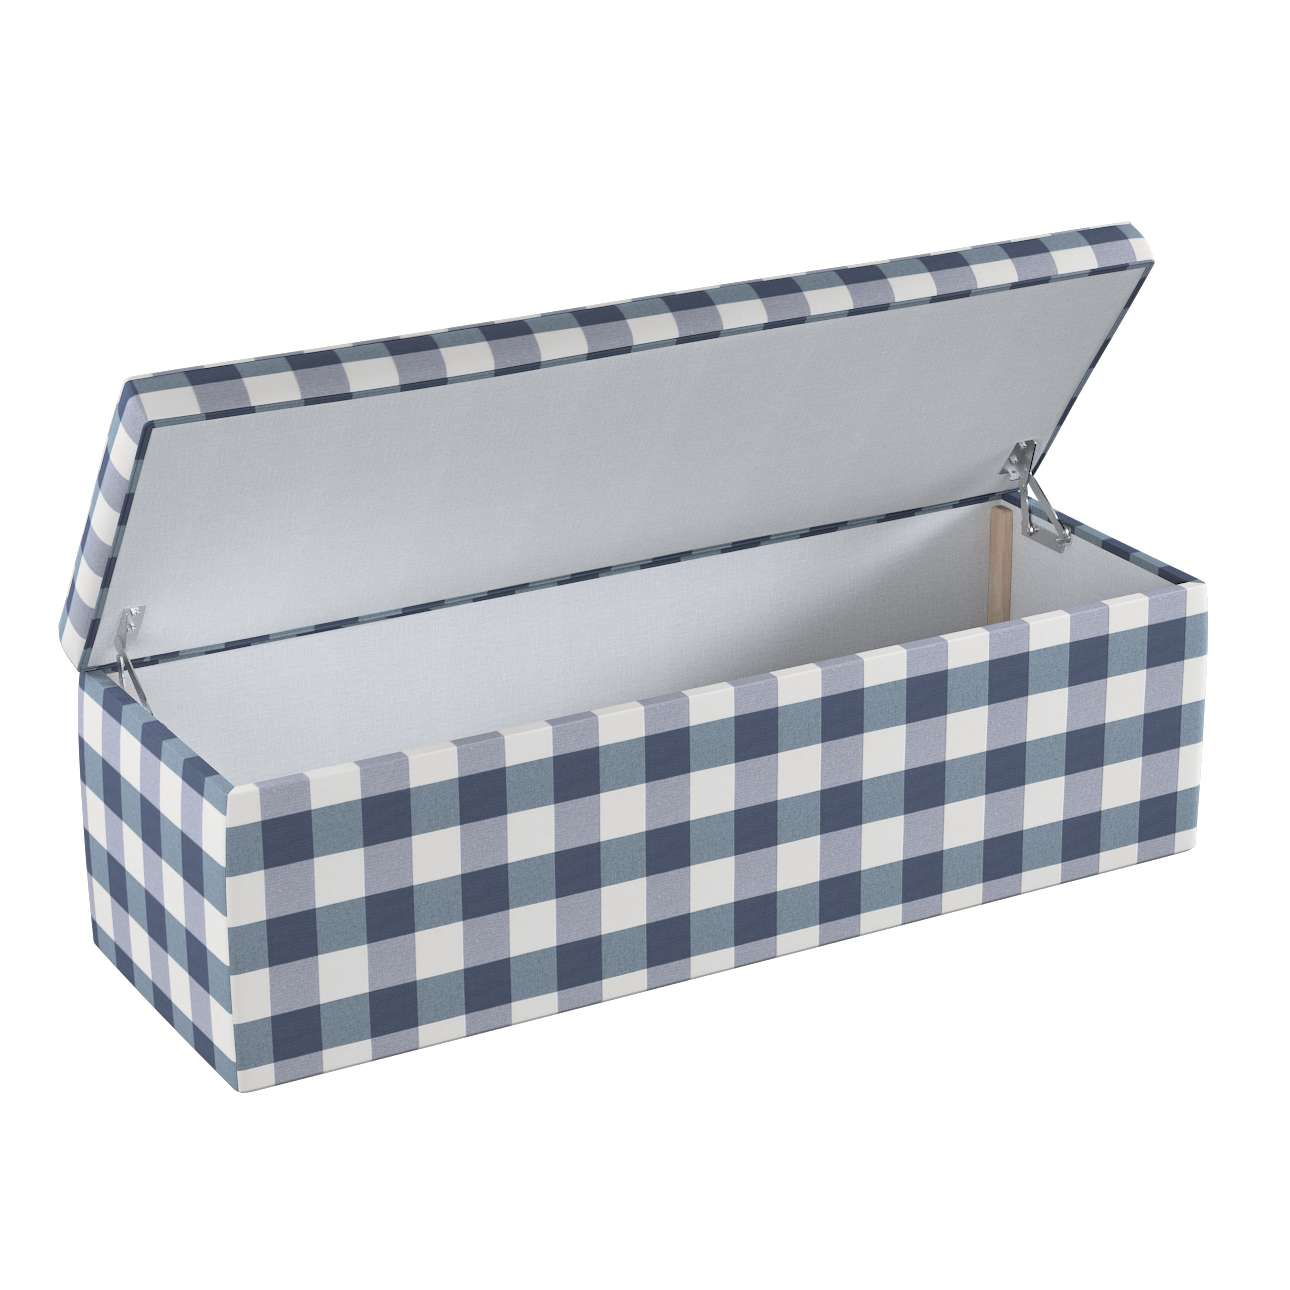 Čalouněná skříň 90 × 40 × 40 cm v kolekci Quadro, látka: 136-03